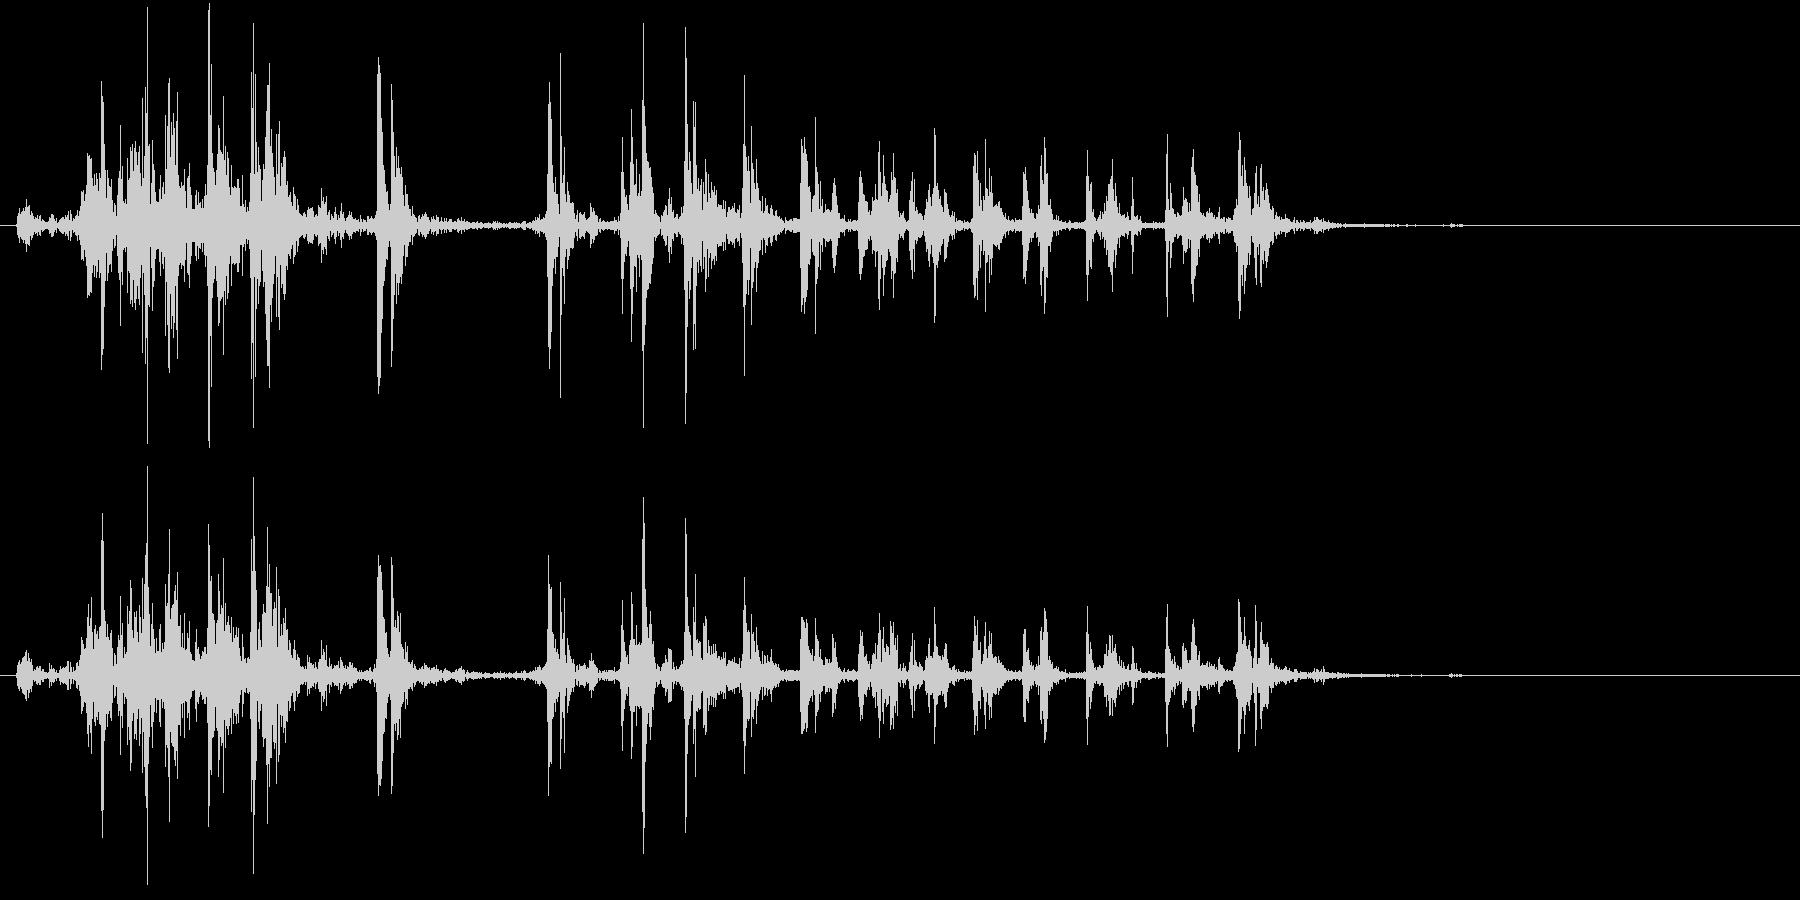 【生録音】カッターナイフの音 20の未再生の波形